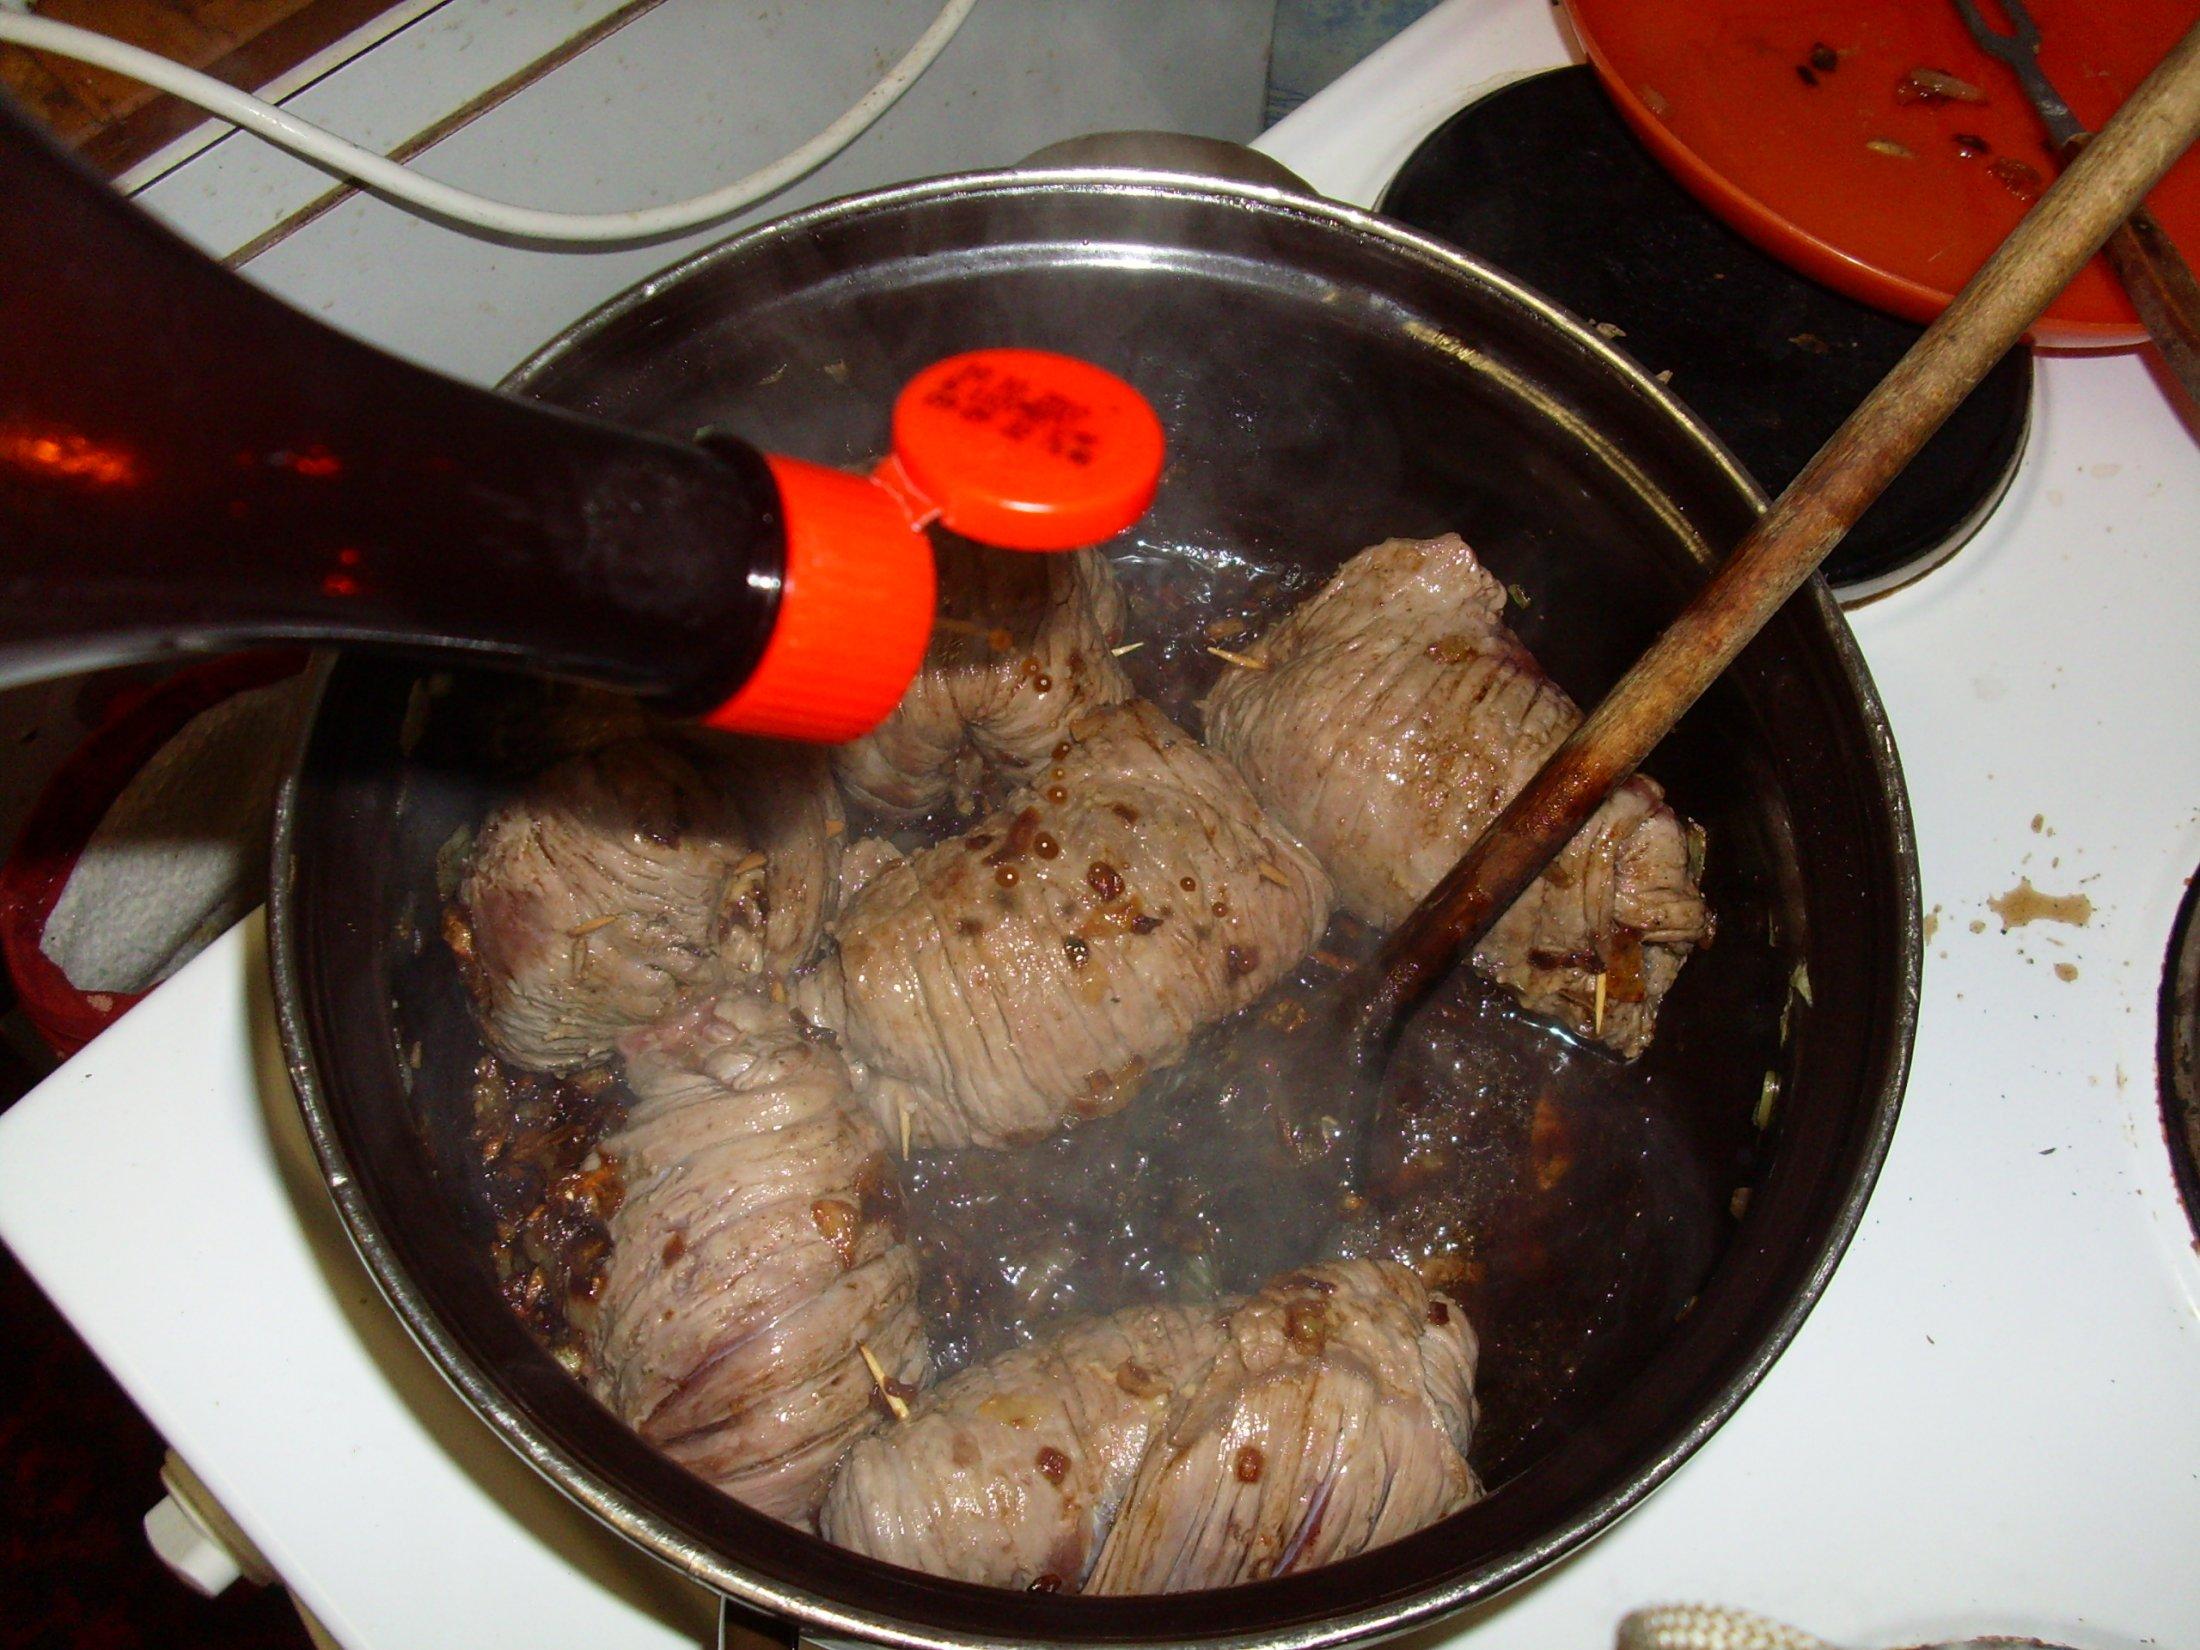 Recept Španělské závitky podle Míry - orestujem po obou stranách a přidáme worcesterskou omáčku